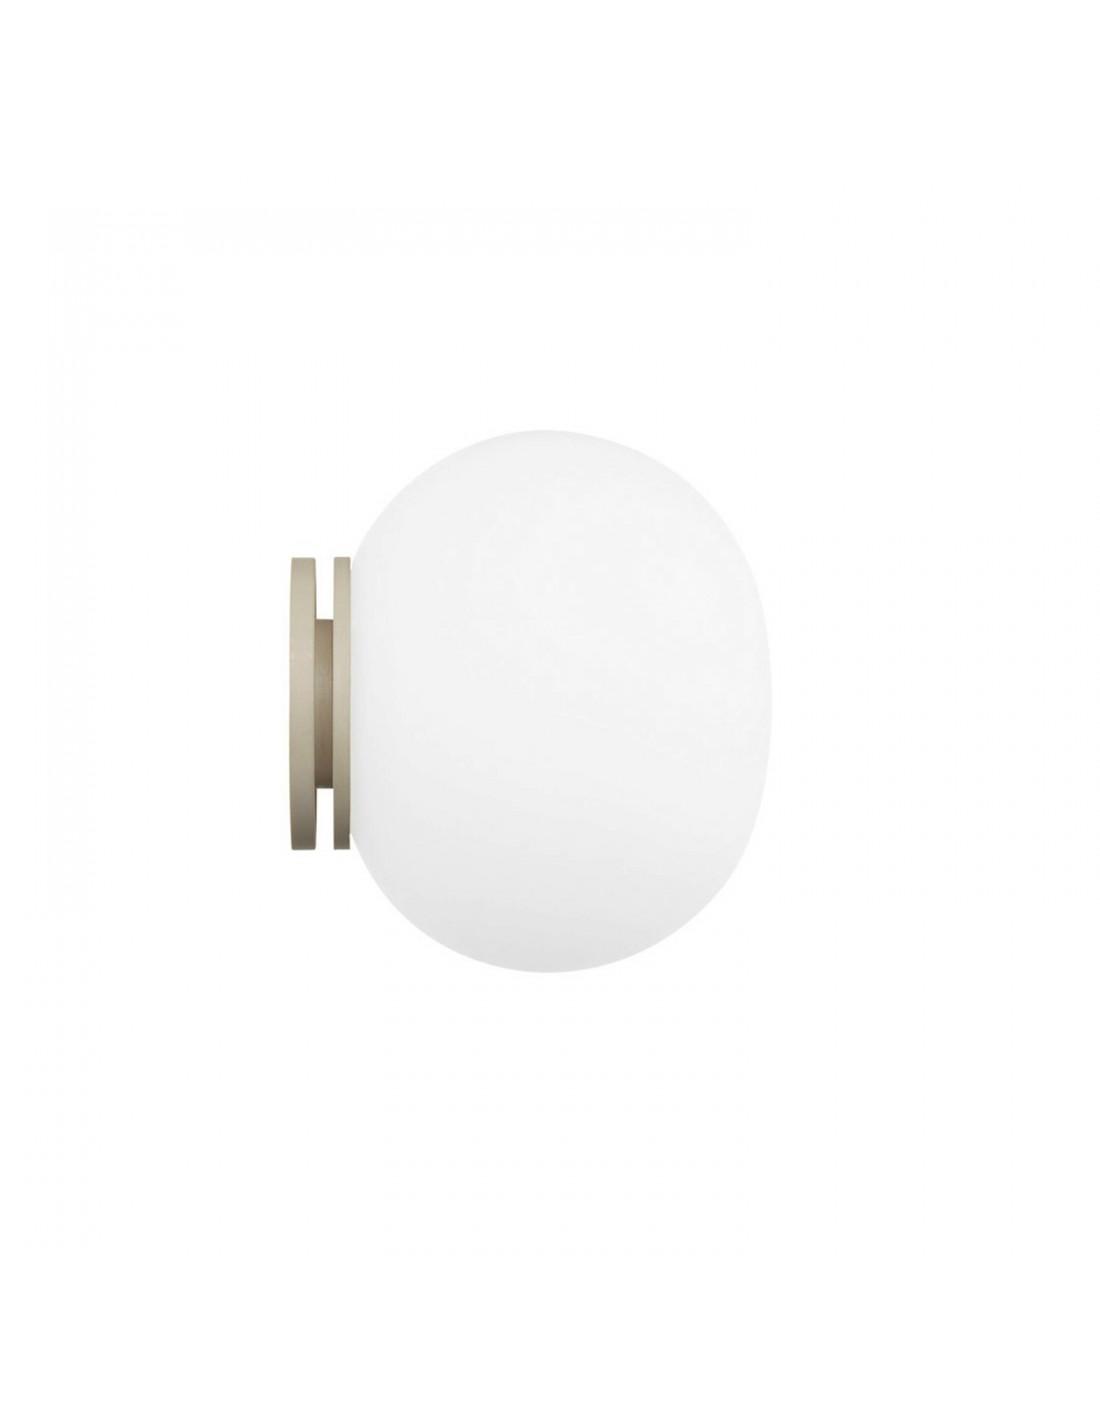 Applique Mini Glo-Ball C/W Miroir par le fabricant de luminaires haut de gamme Flos